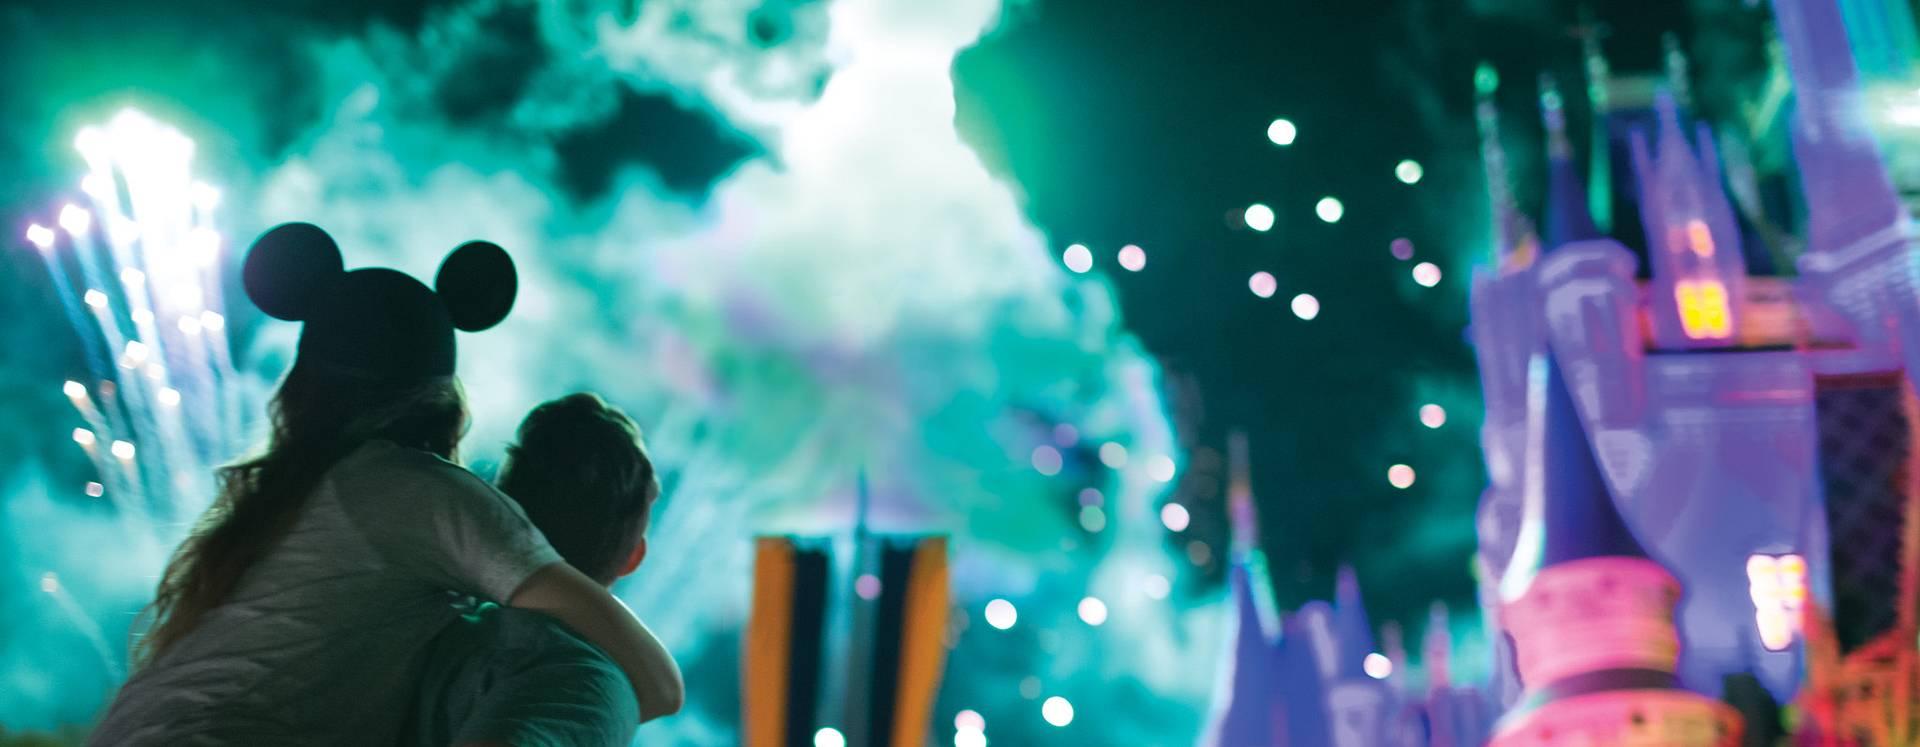 Visitantes assistindo ao espetacular show de fogos de artifício acima do Cinderella's Castle no Walt Disney World Resort